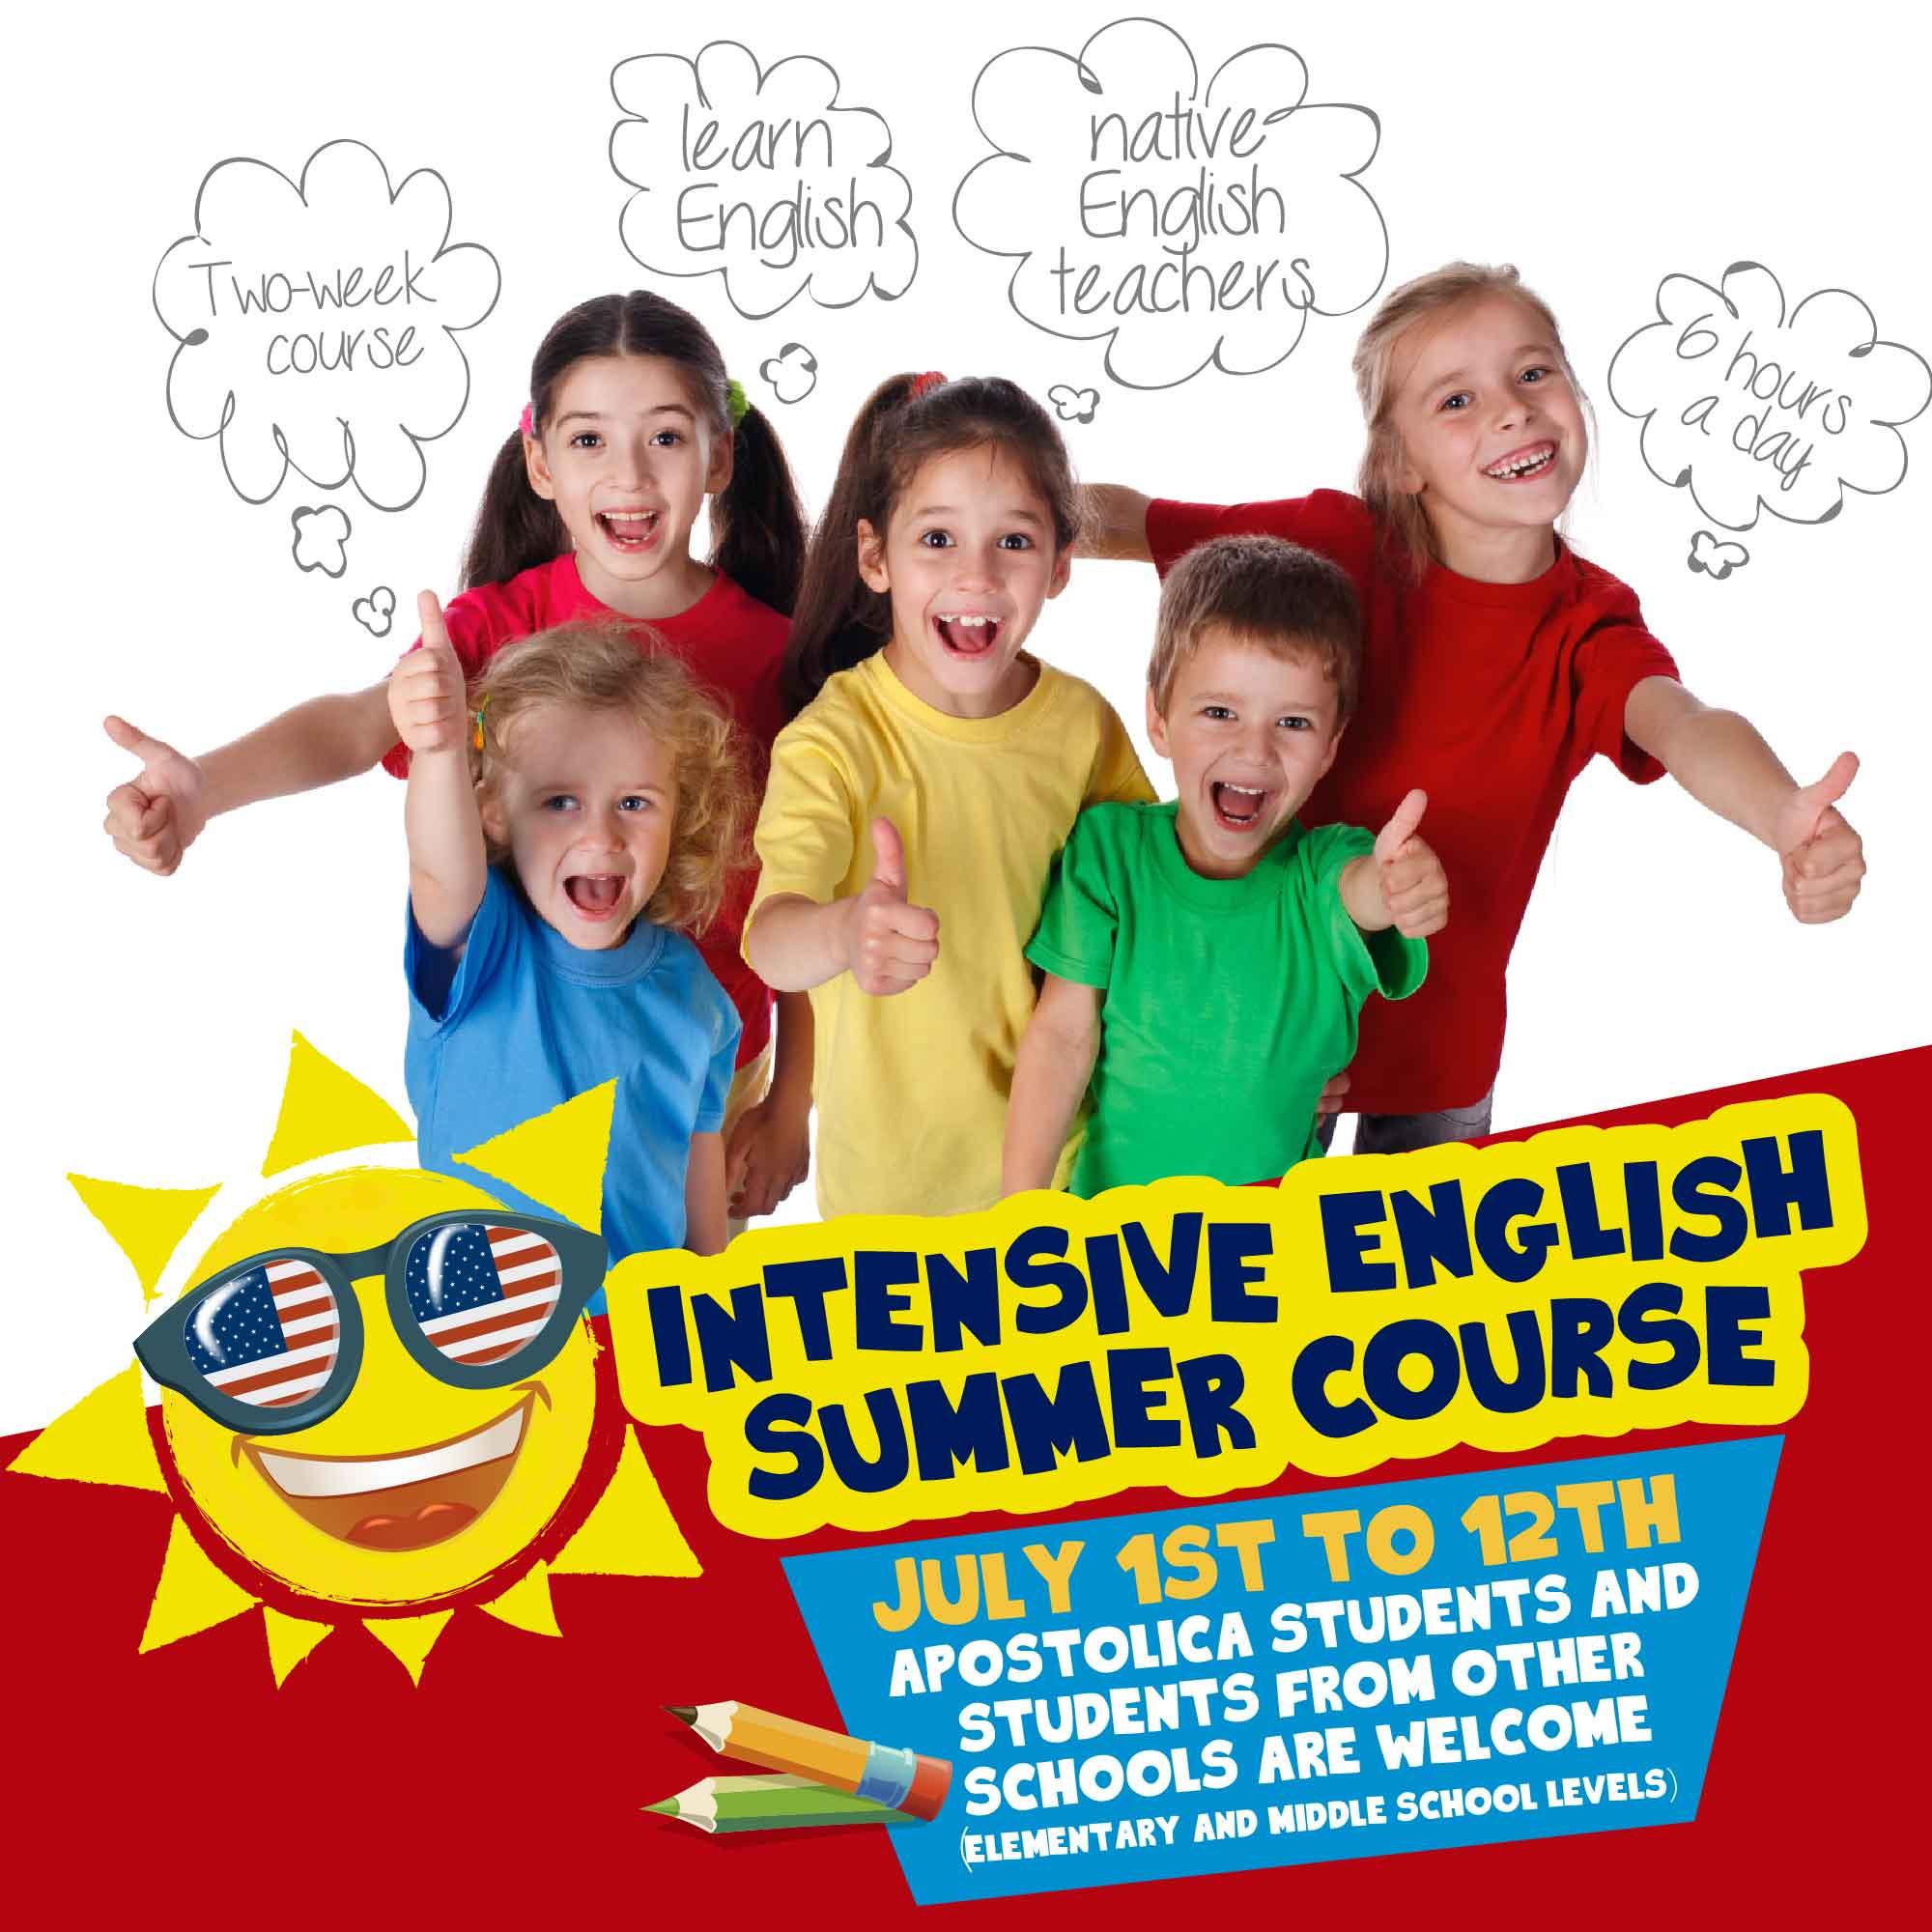 Summer English course